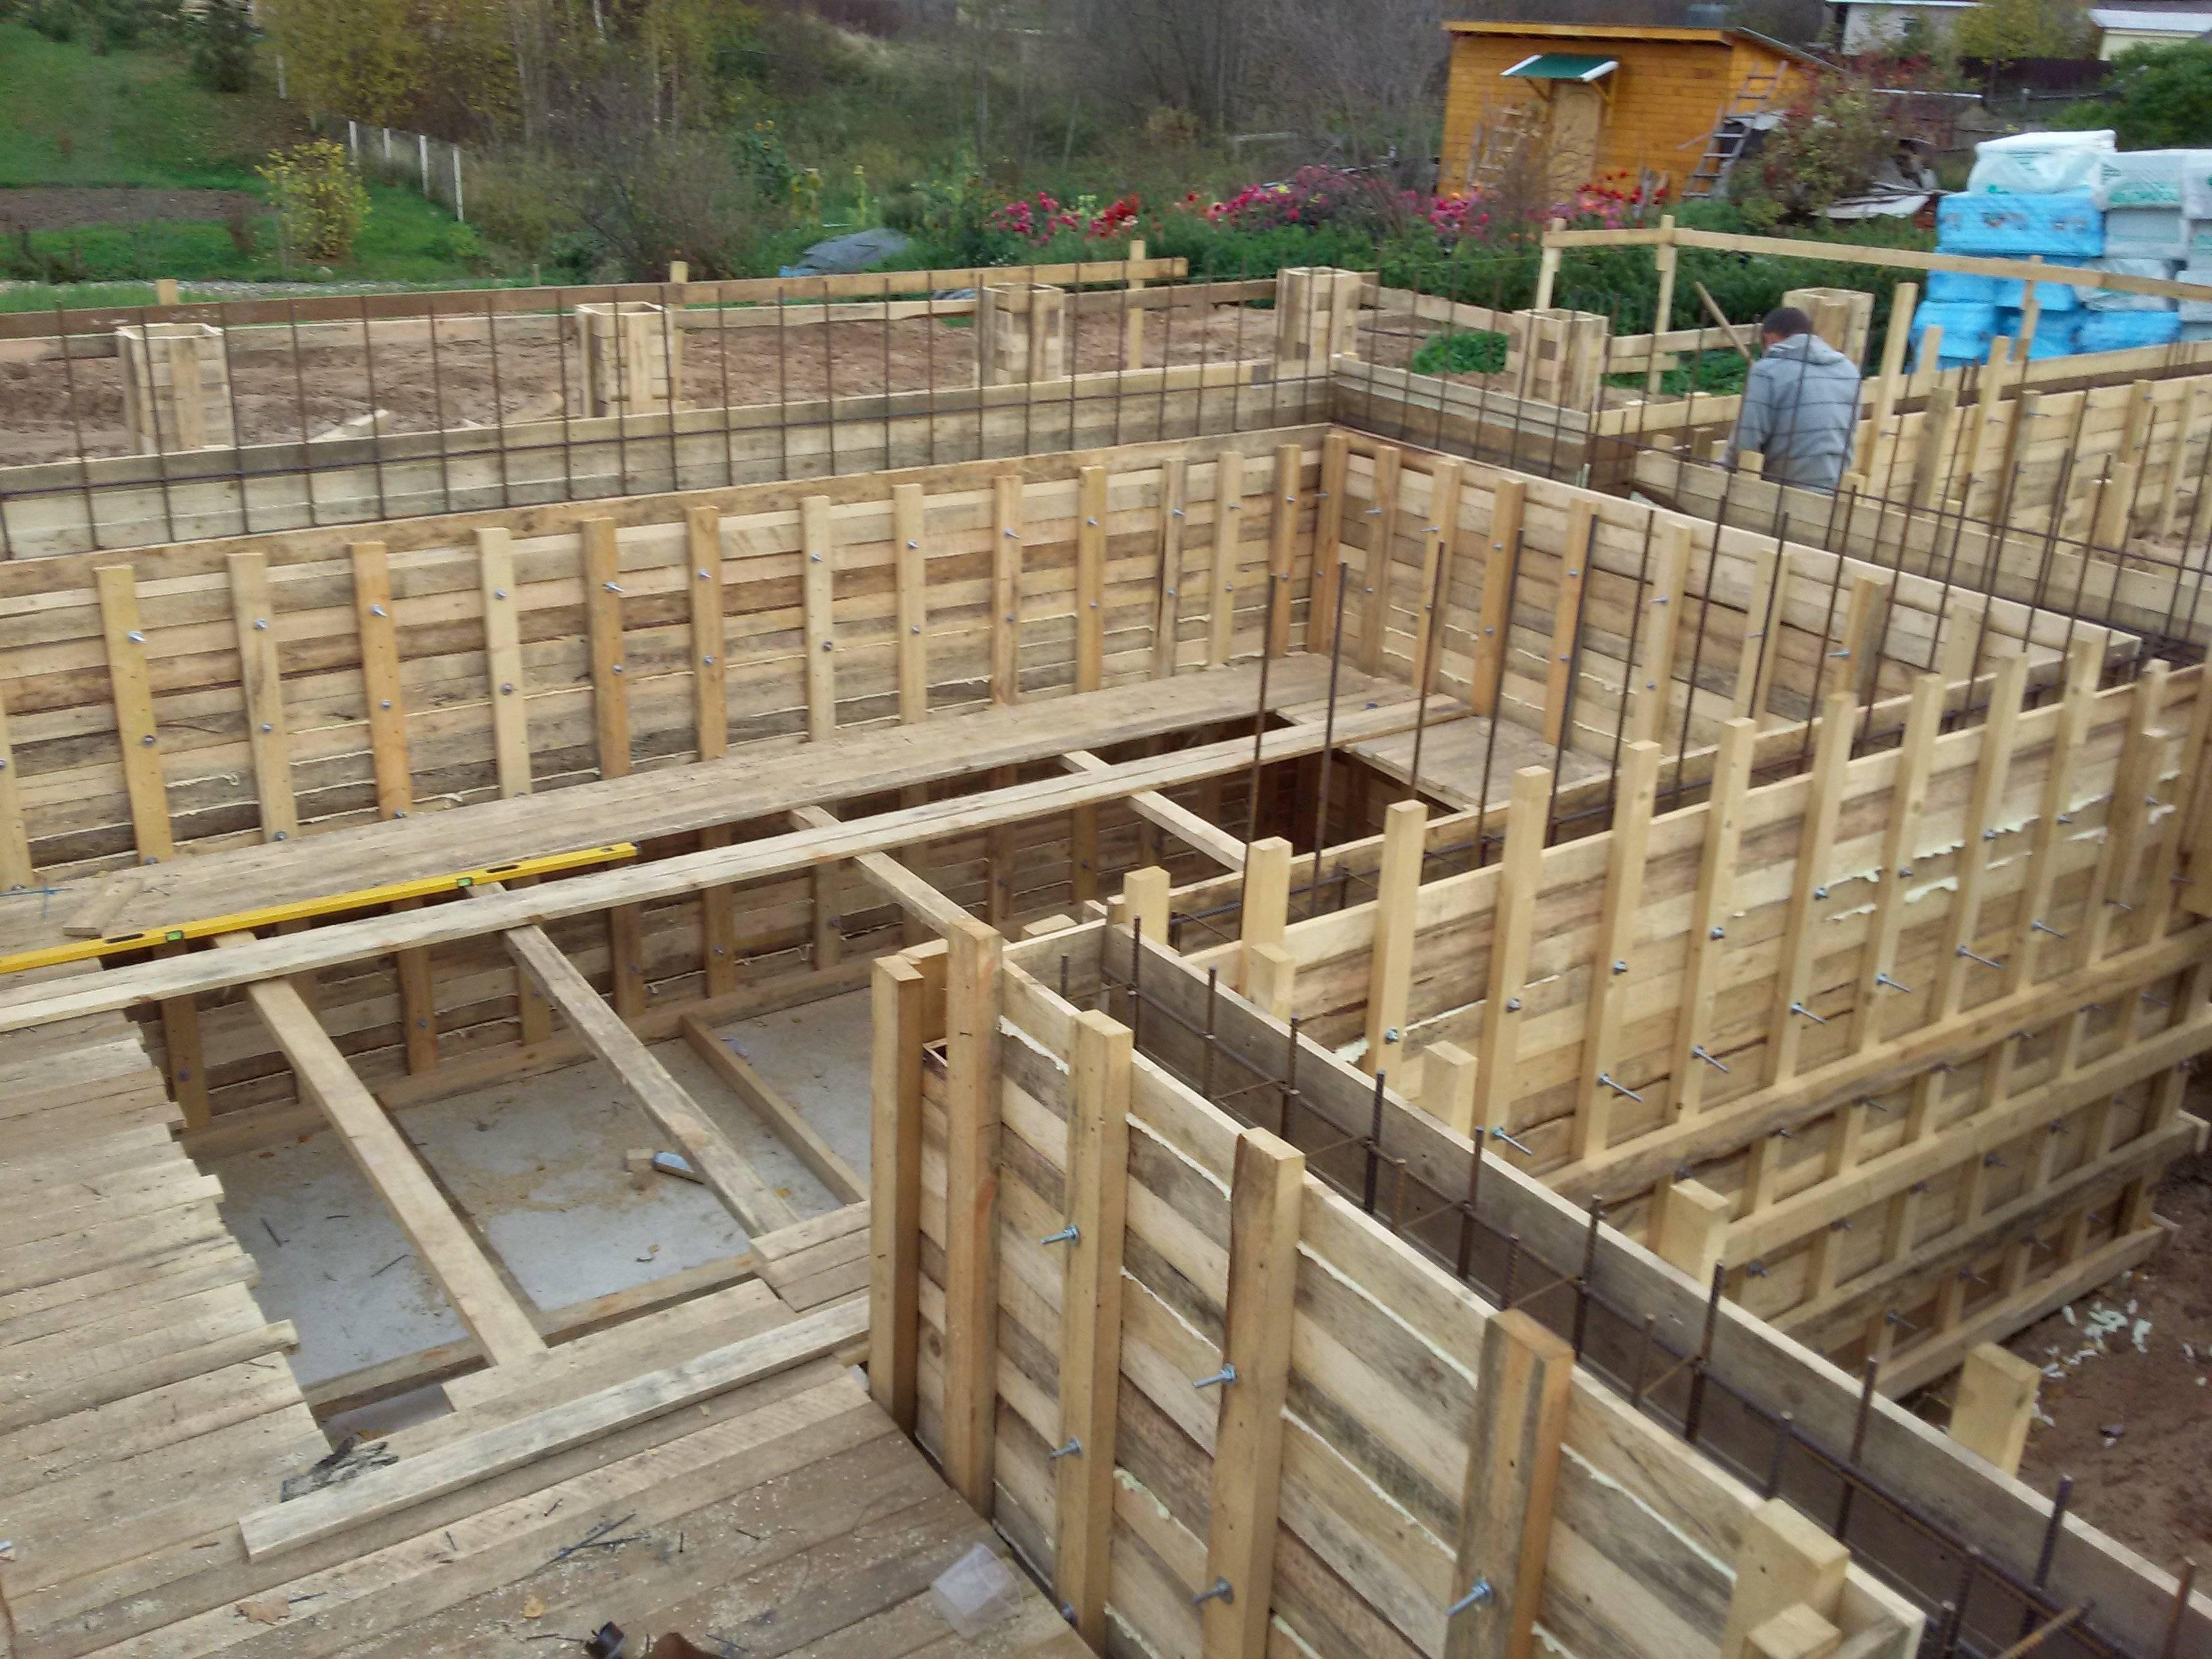 Цокольный этаж на склоне - основы строительства, фундамент